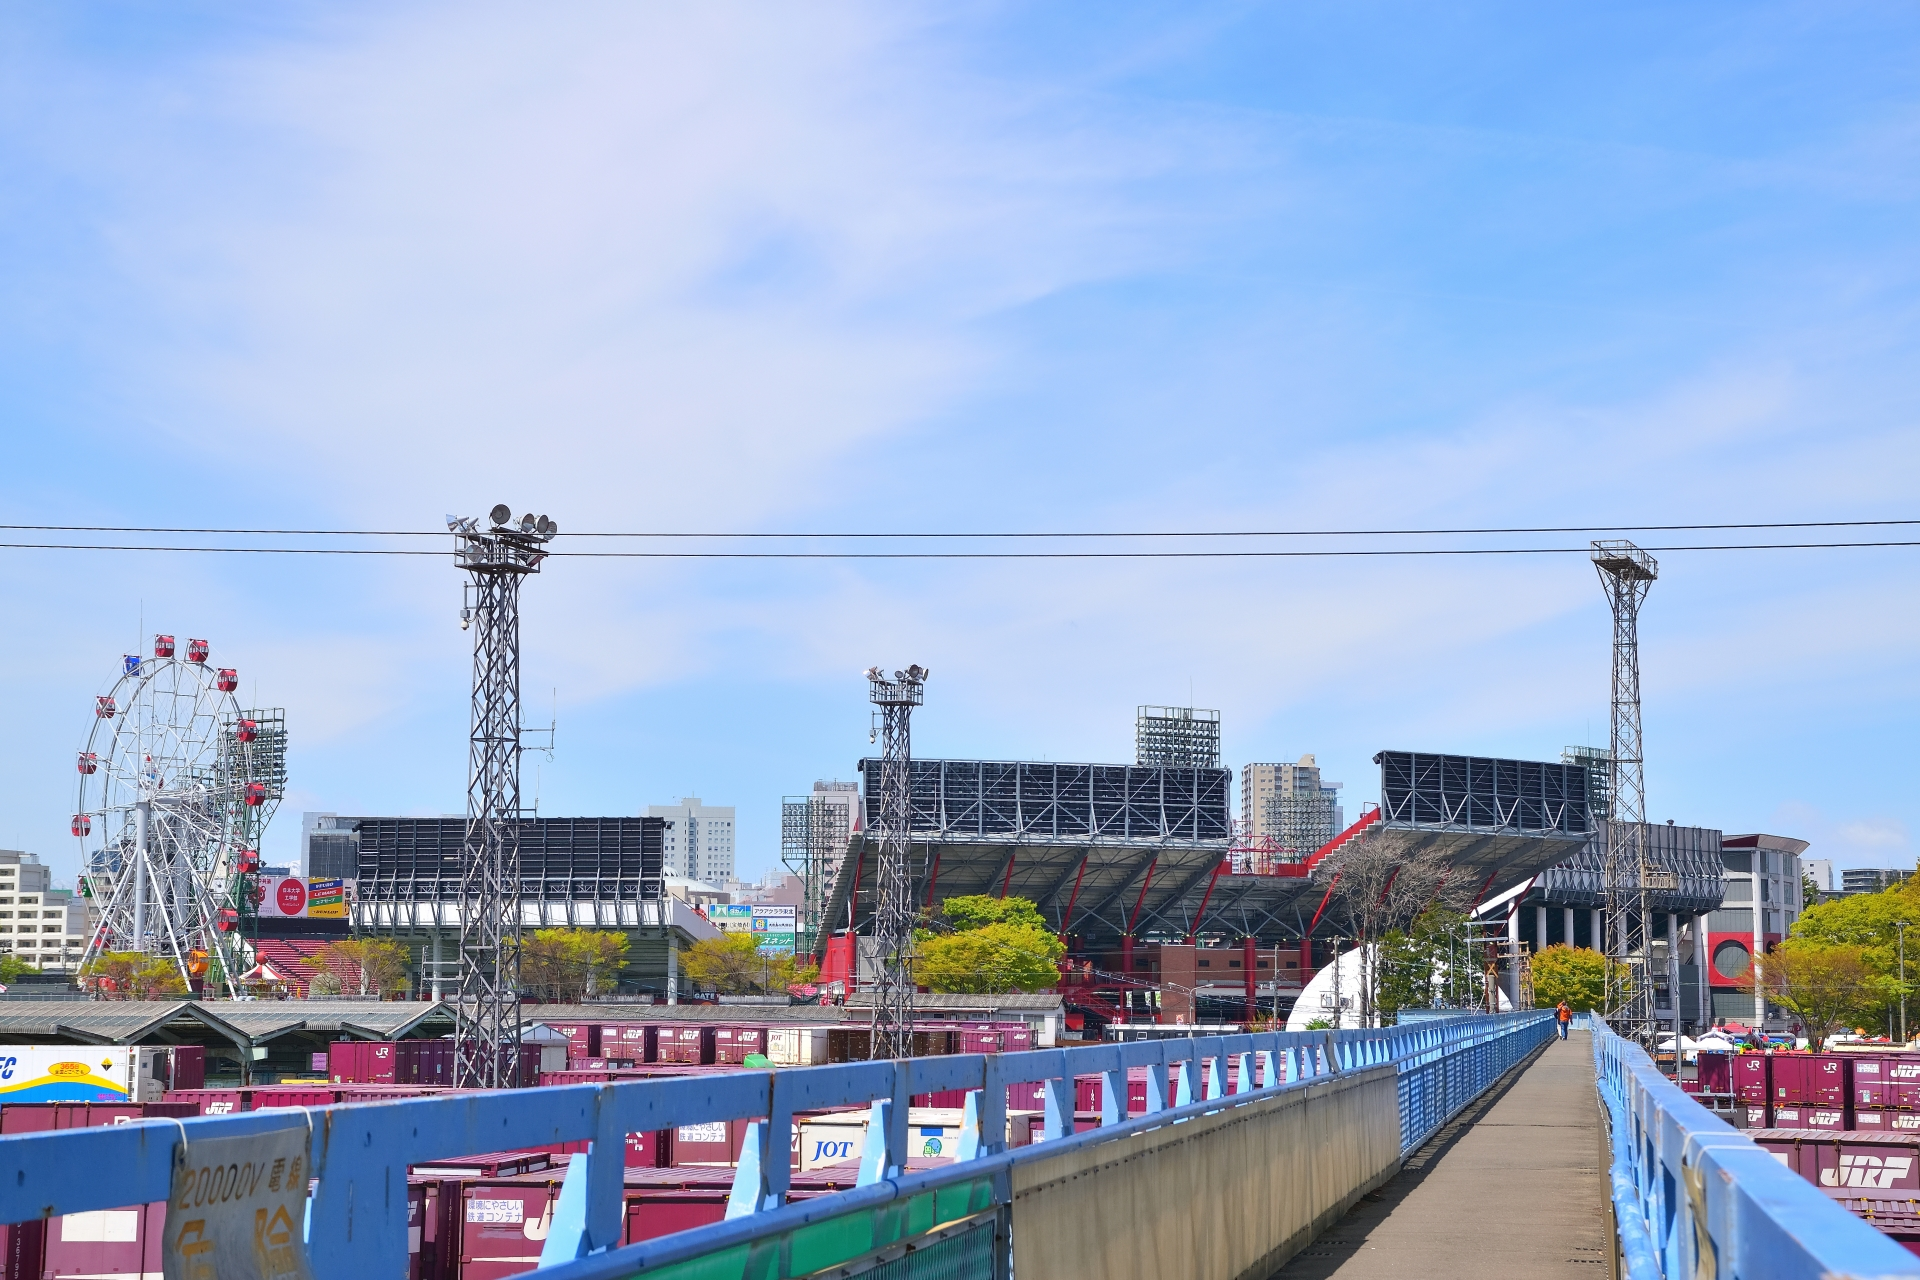 楽天生命パーク宮城は野球好きが訪れる人気スポット!アクセスや駐車場は?